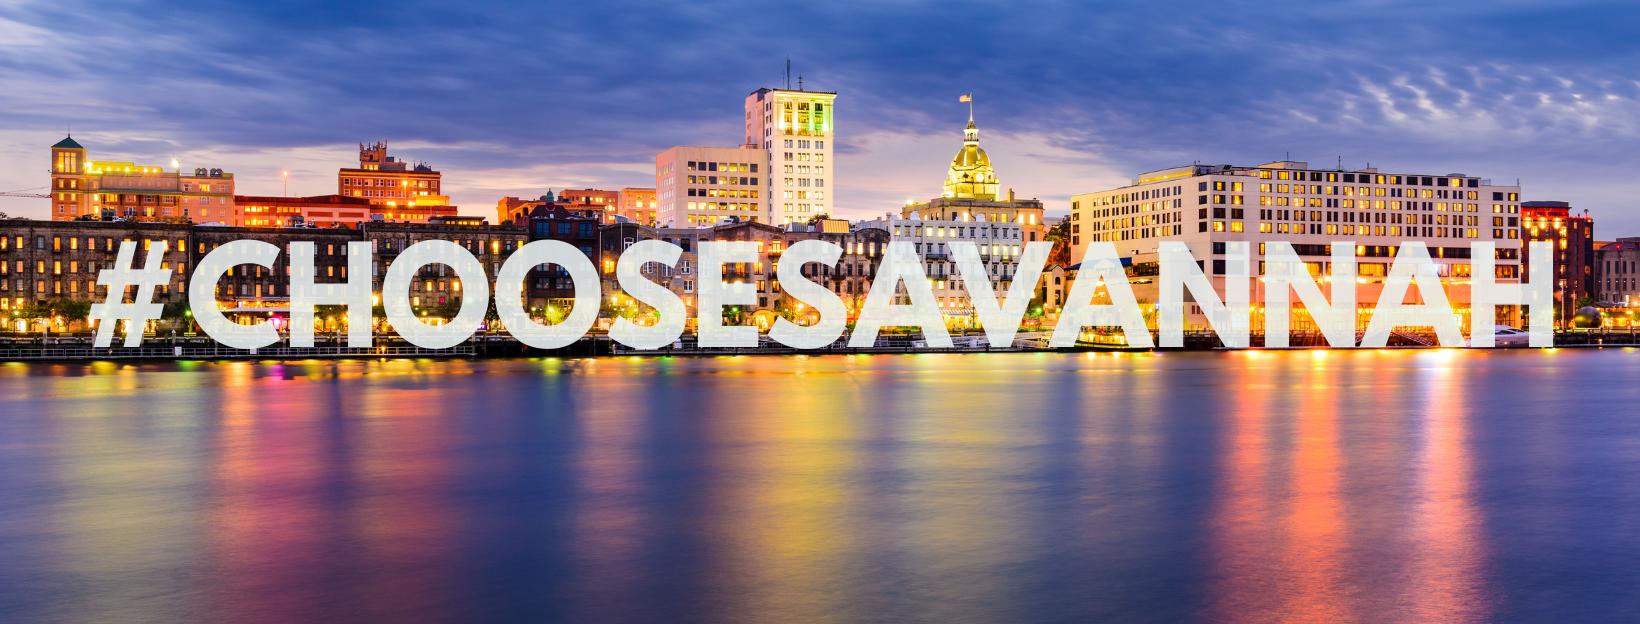 #chooseSAVANNAH Image